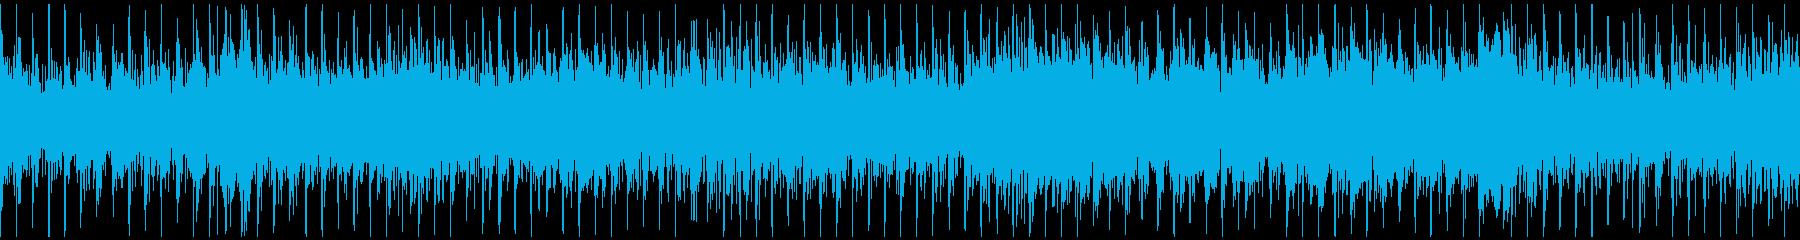 ループ可・かっこいいタムとサックスの再生済みの波形